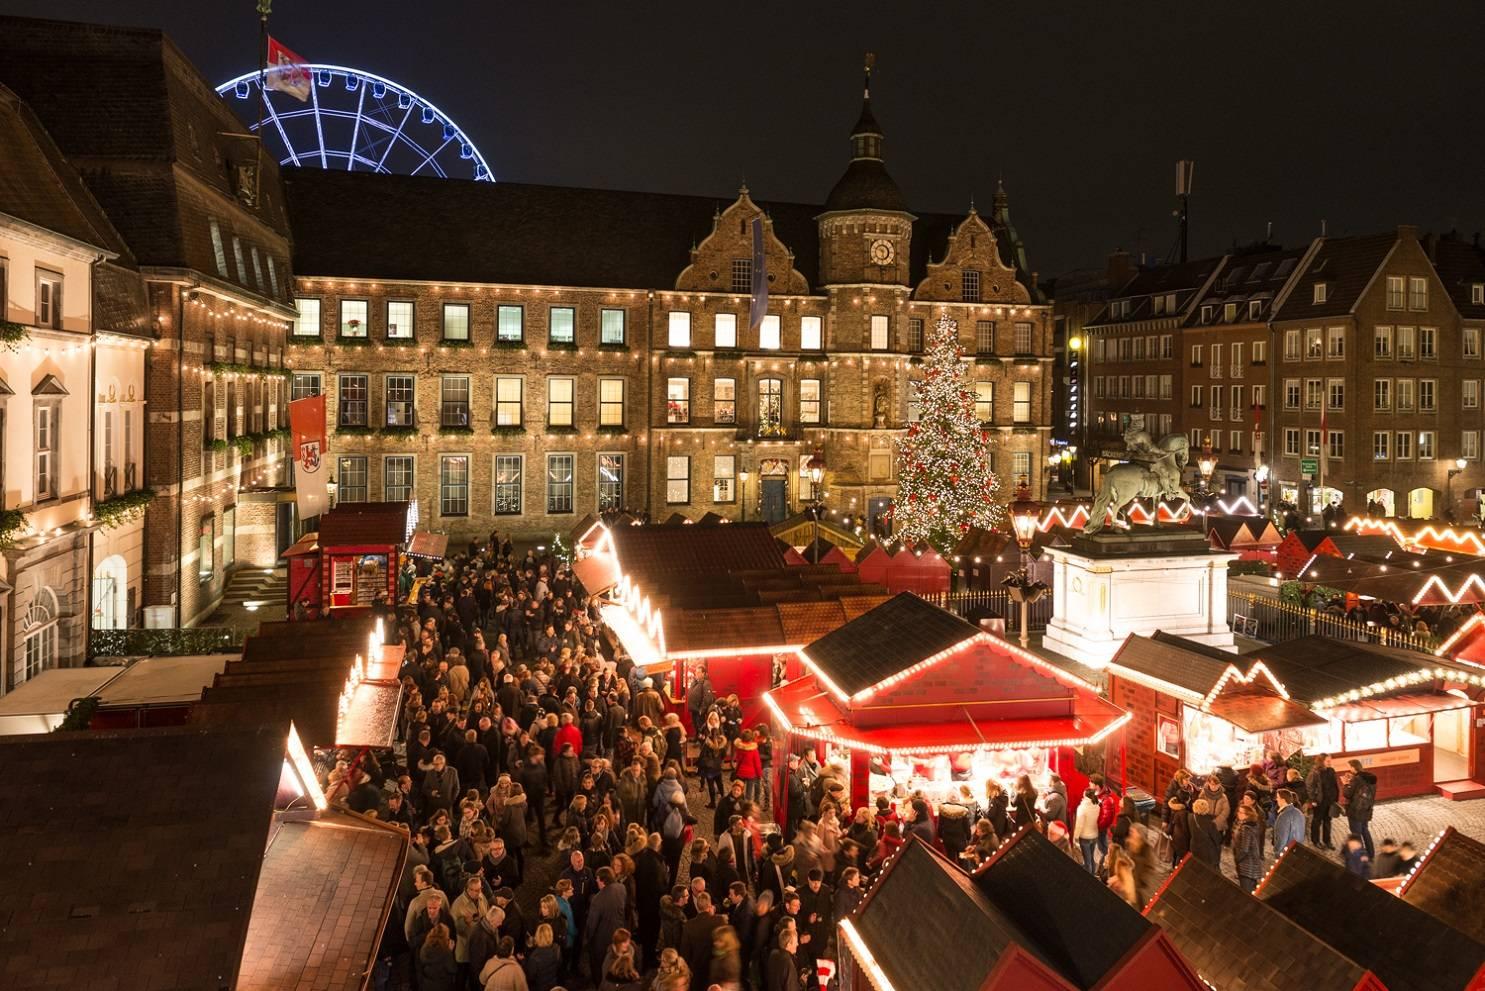 Weihnachtsmarkt Kempen.Letzte Chance Für Einen Weihnachtsmarkt Besuch In Düsseldorf